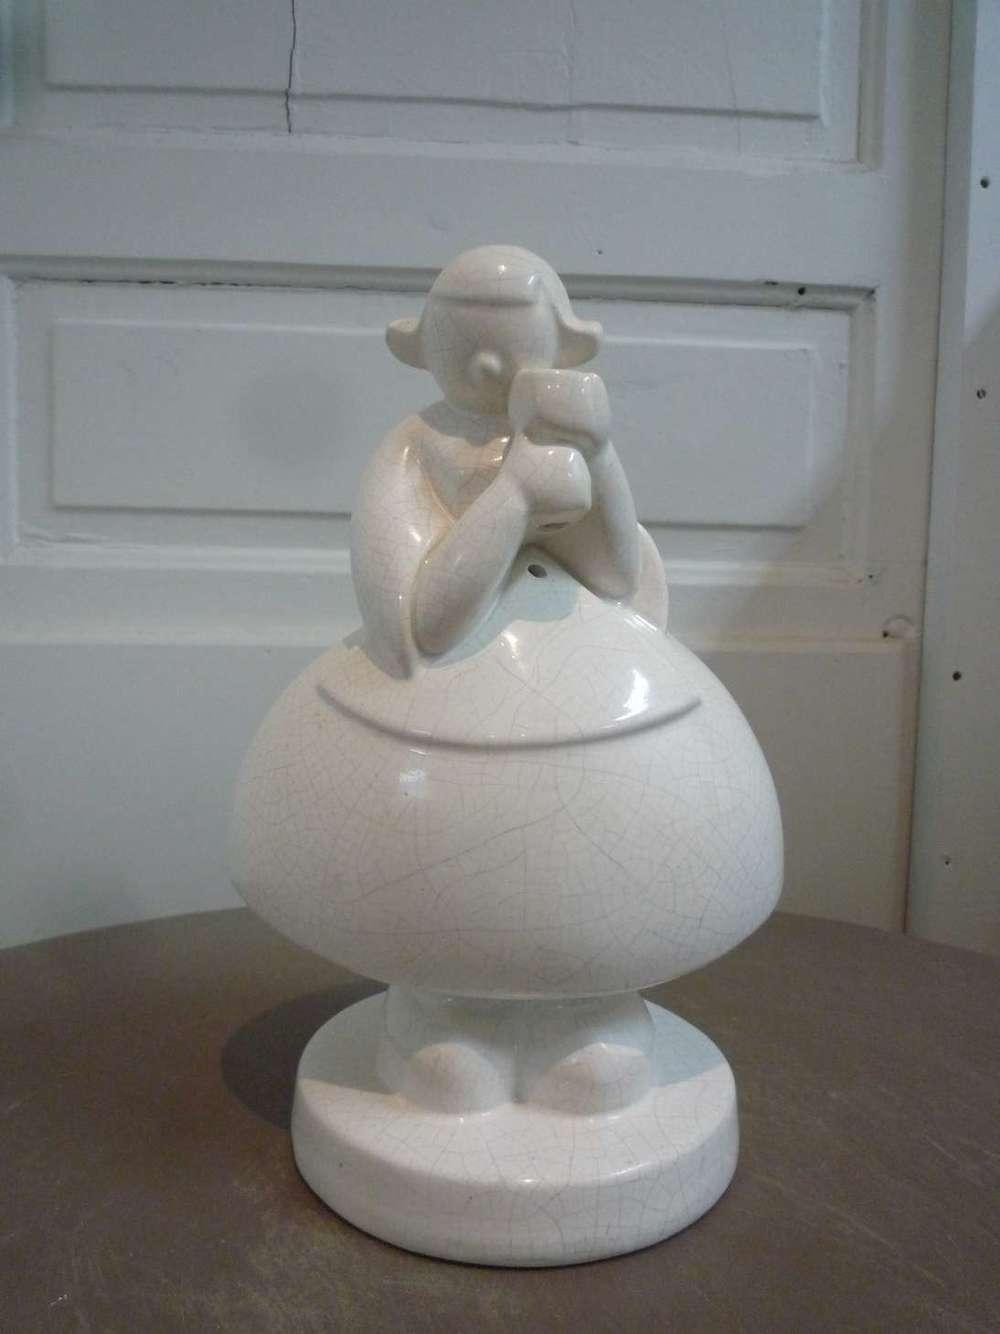 faience-email-robj-lampe-becassine-craquele-craquelures-art-1926-ateliers-restaurarte-restauration-ceramique.jpg